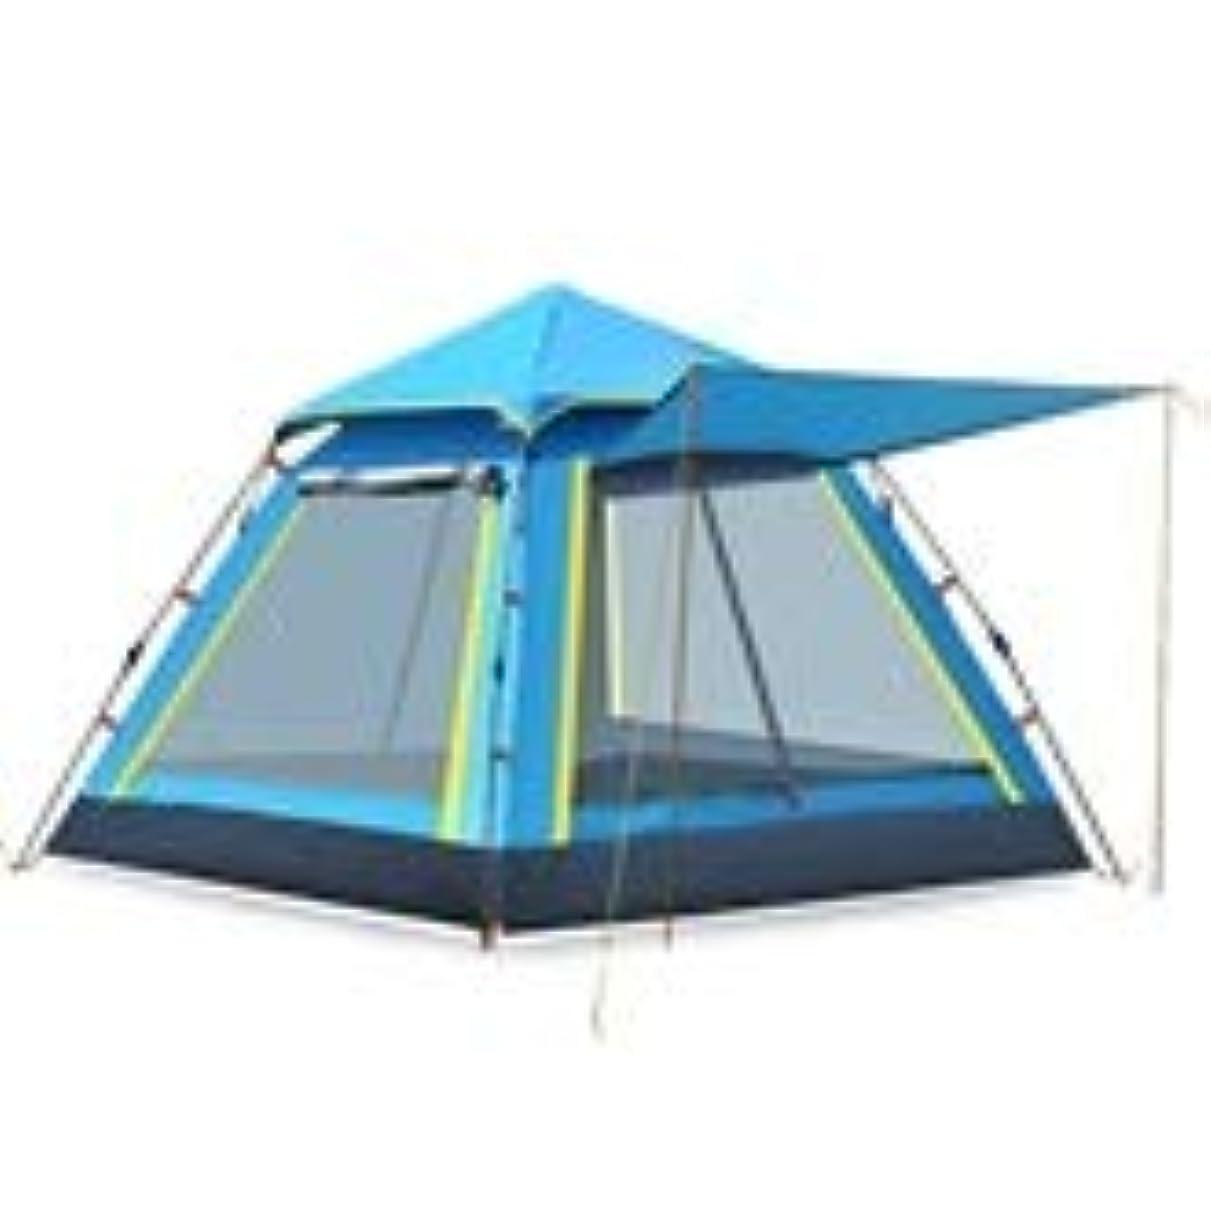 バリケードクランプフォームIDWOI テント 2-3人自動インスタントポップアップ家族のテント屋外防雨軽量ドームテントビーチテント、4色 (Color : Blue)